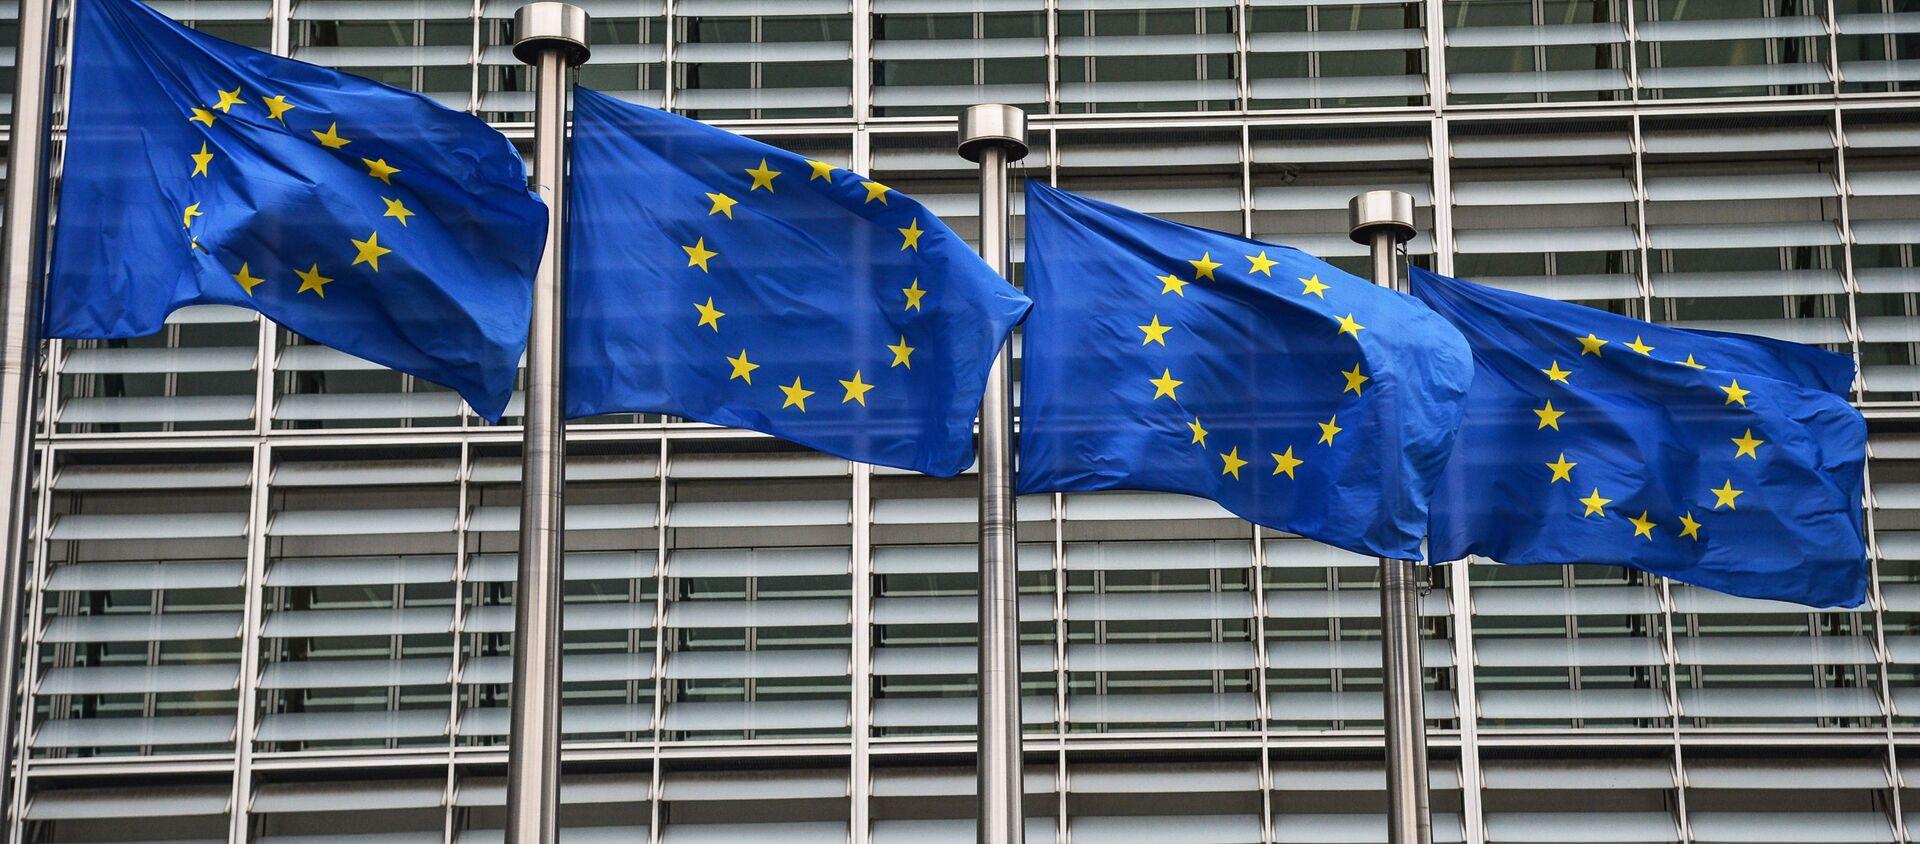 Flagi UE przed gmachem Komisji Europejskiej w Brukseli. - Sputnik Polska, 1920, 01.05.2021